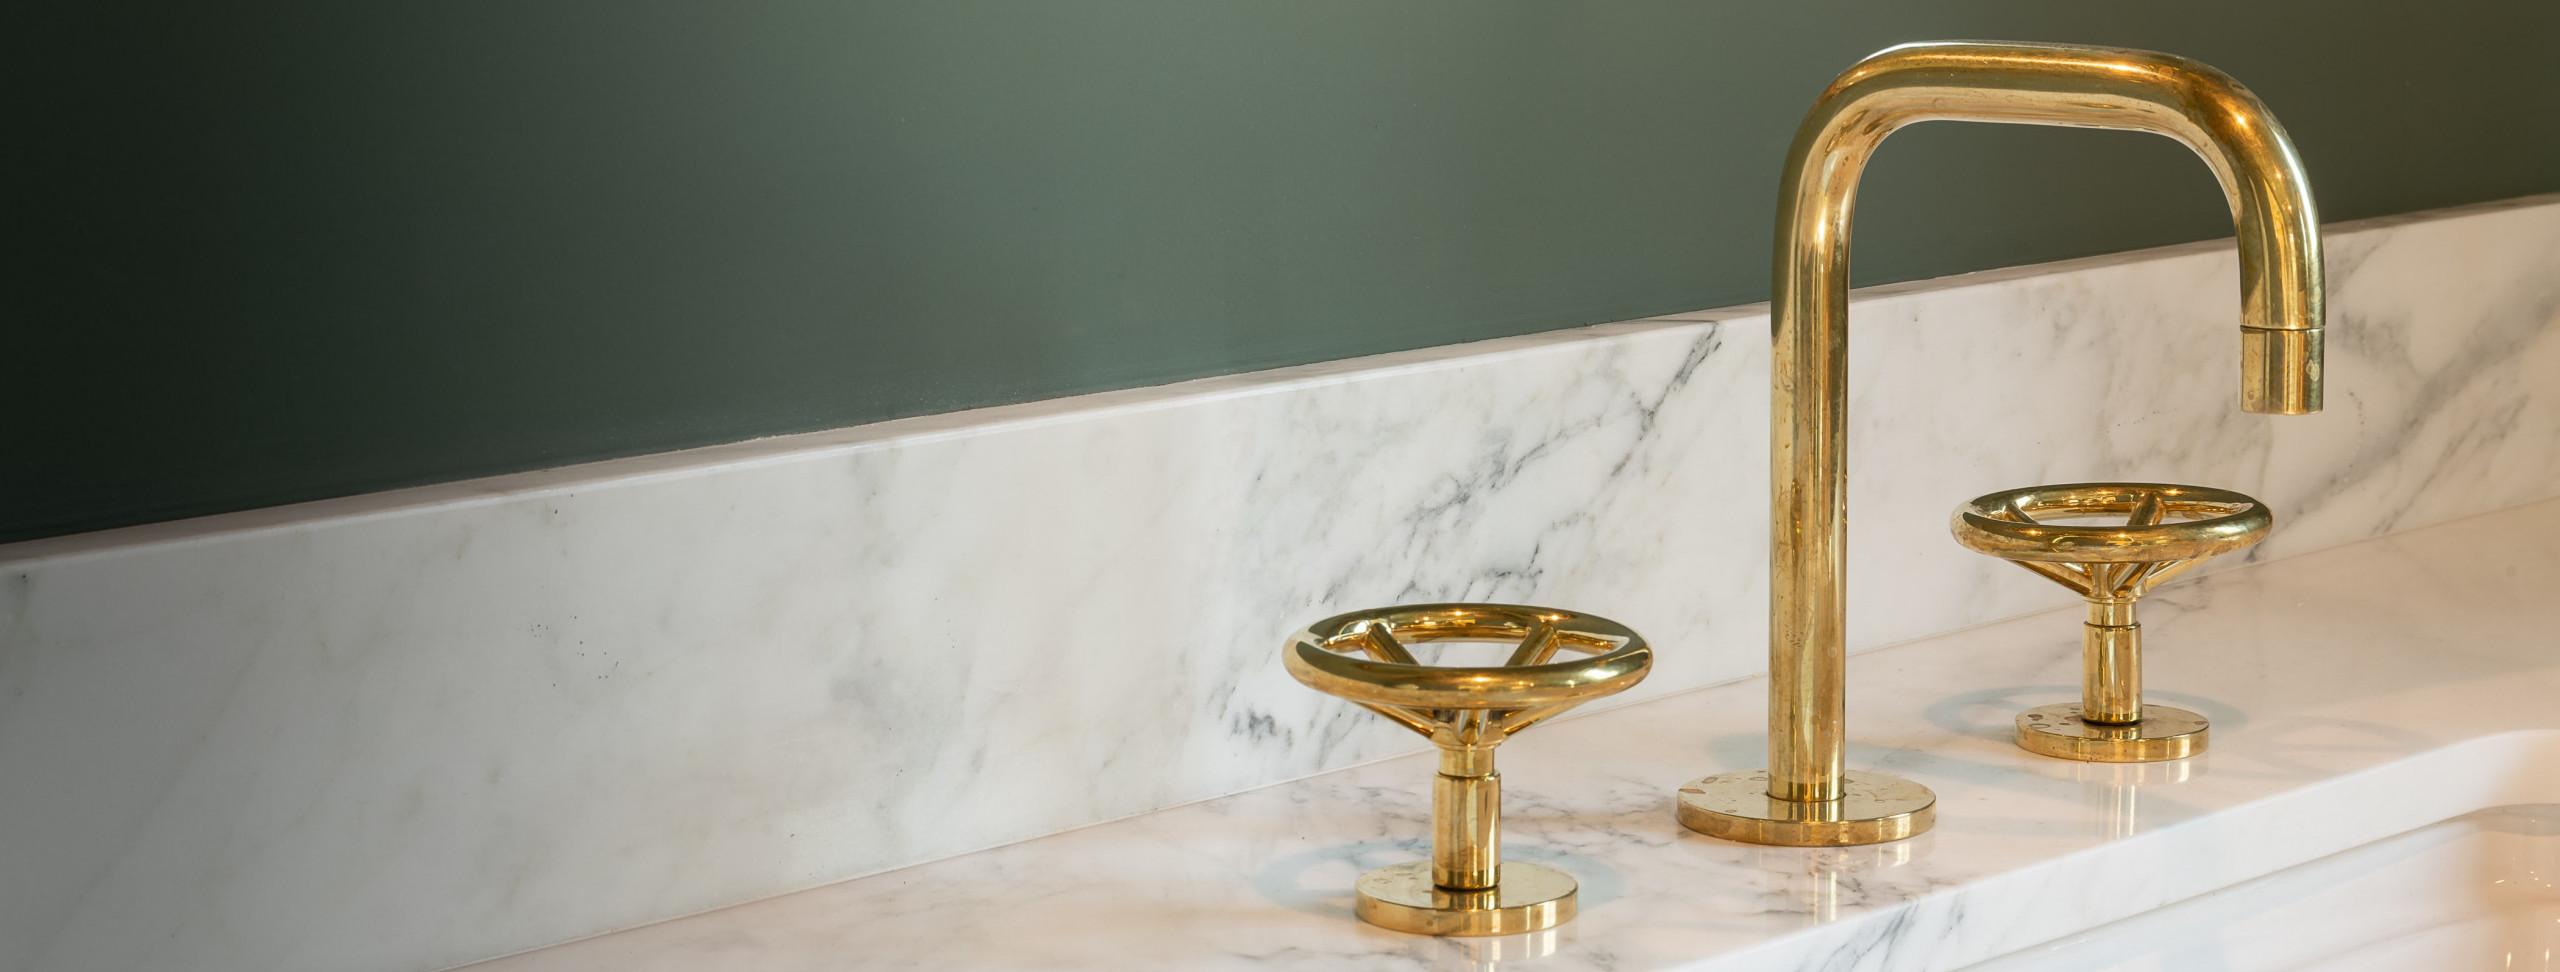 lavabo-pia-bancada-banheiro-torneira-pia-registro-marmore-parede-espelho